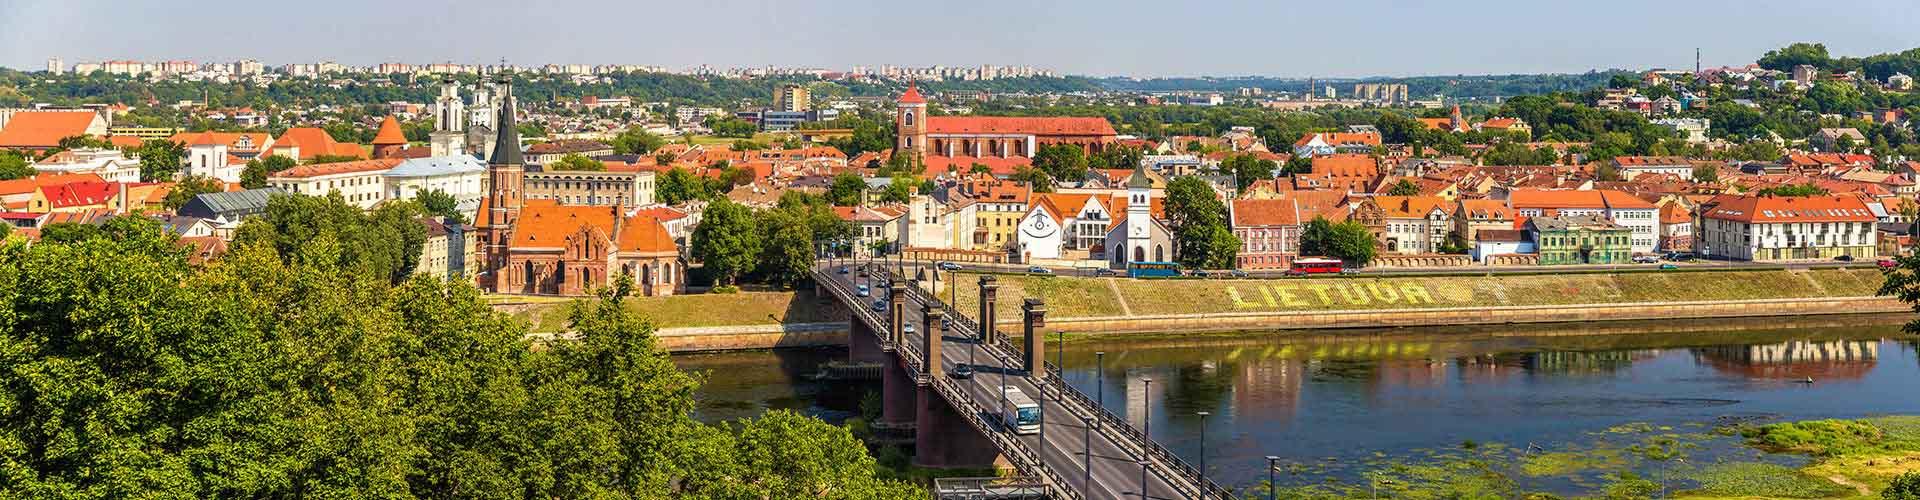 Kaunas - Auberges de jeunesse à Kaunas. Cartes pour Kaunas, photos et commentaires pour chaque auberge de jeunesse à Kaunas.